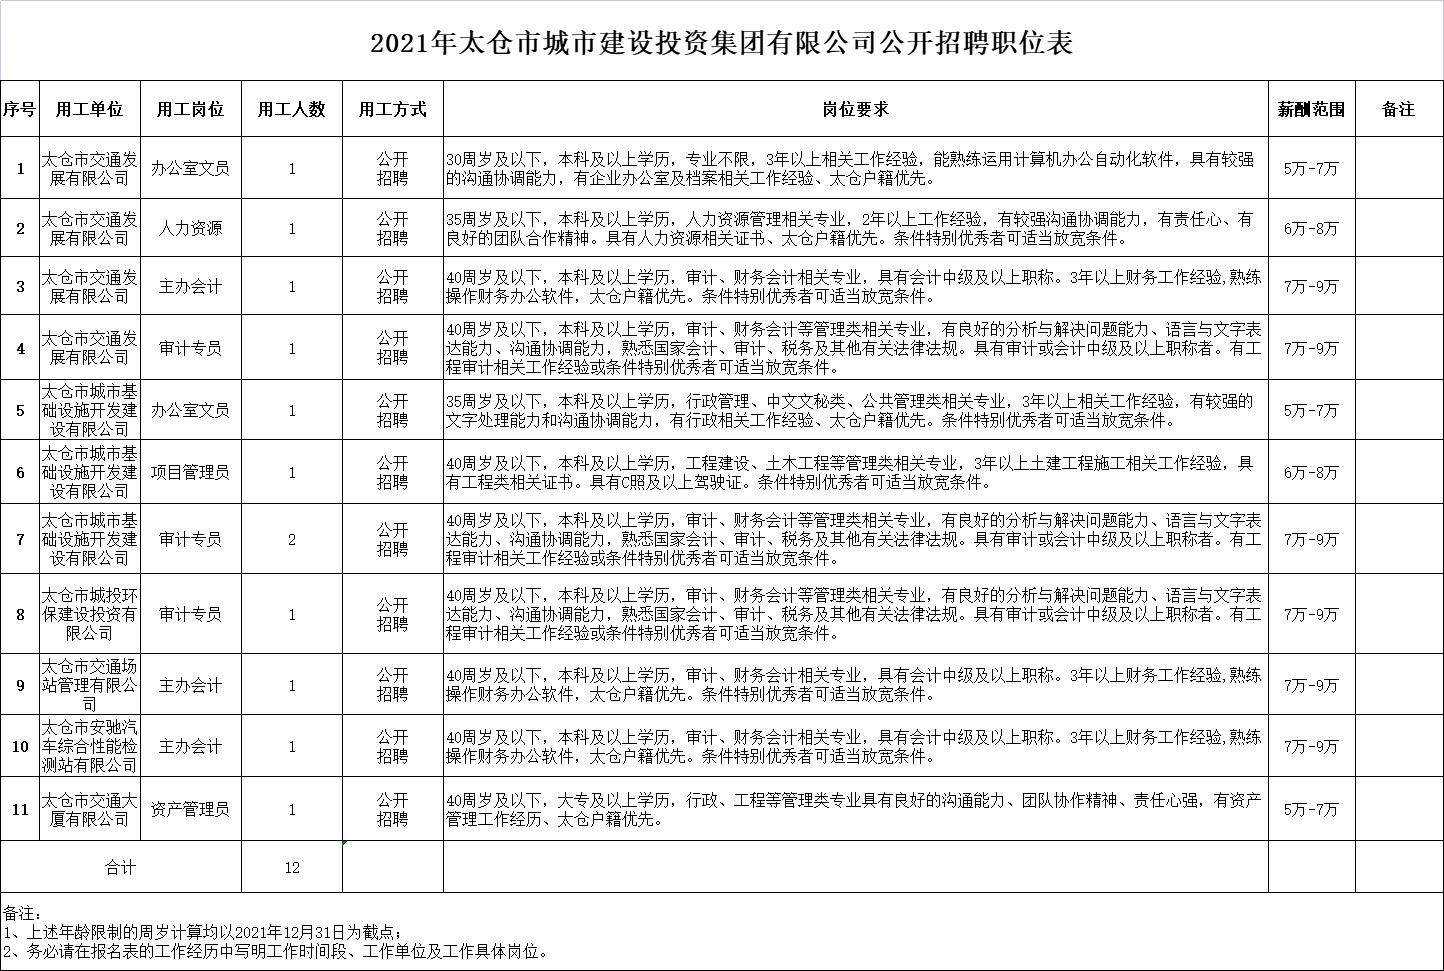 太仓市城市建设投资集团有限公司下属各级全资(控股)子公司工作人员